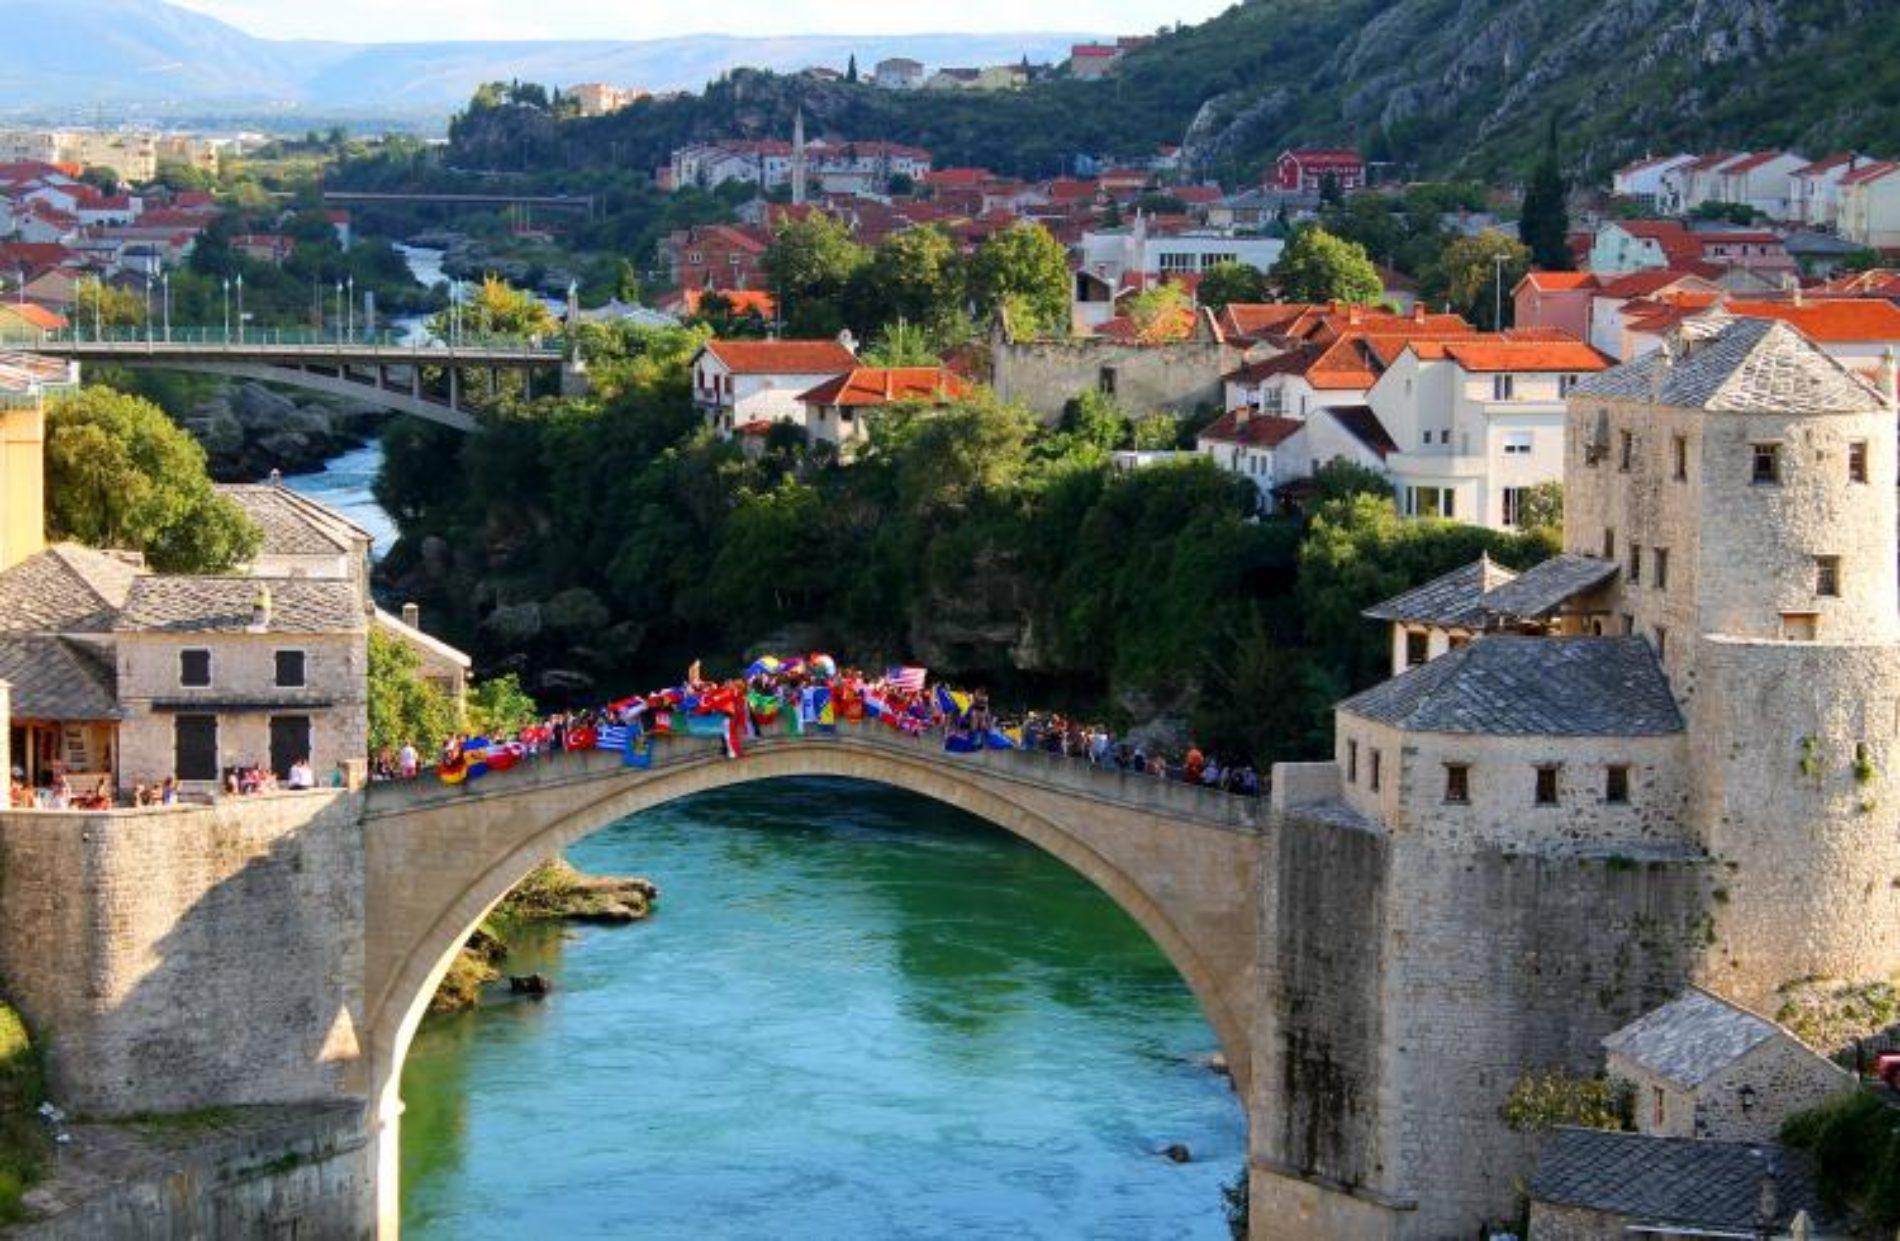 Internacionalni fakultet iz Mostara će ponuditi besplatne stipendije izbjeglicama i studentima iz sedam zemalja koje su pogođene zabranom ulaska u SAD